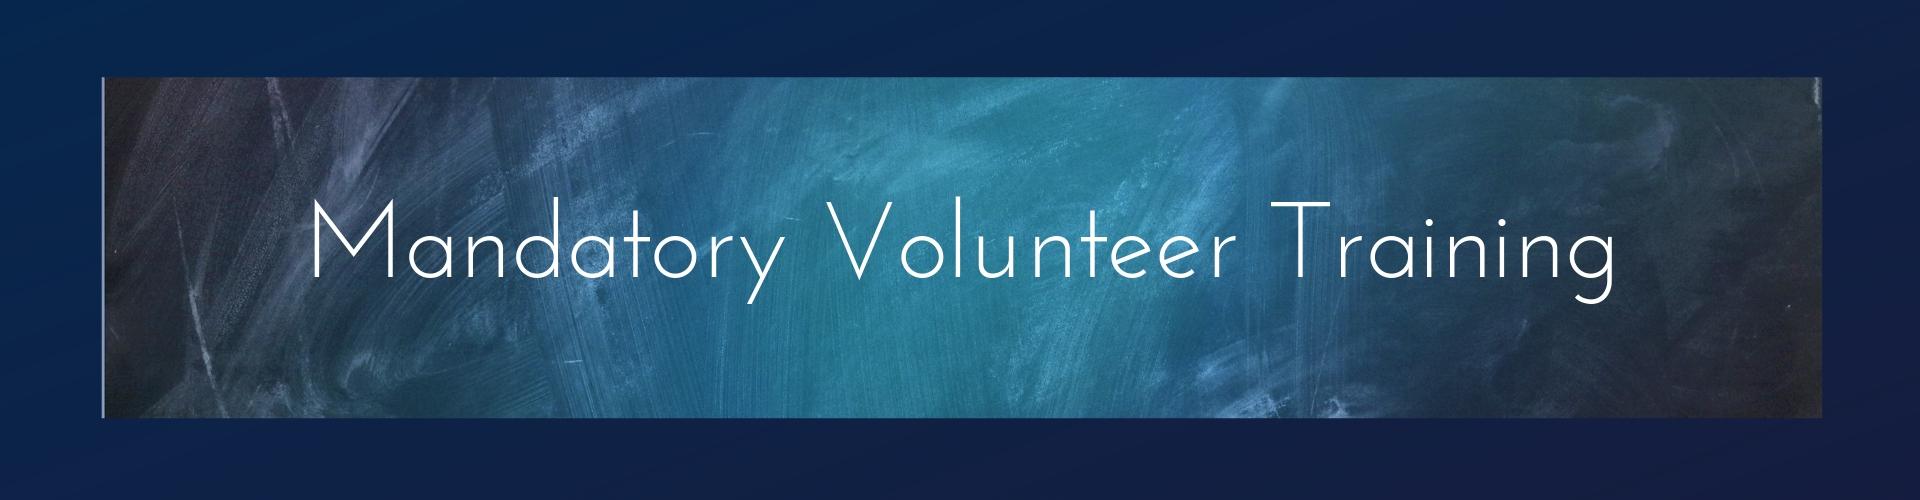 Mandatory Volunteer Training Header.jpg